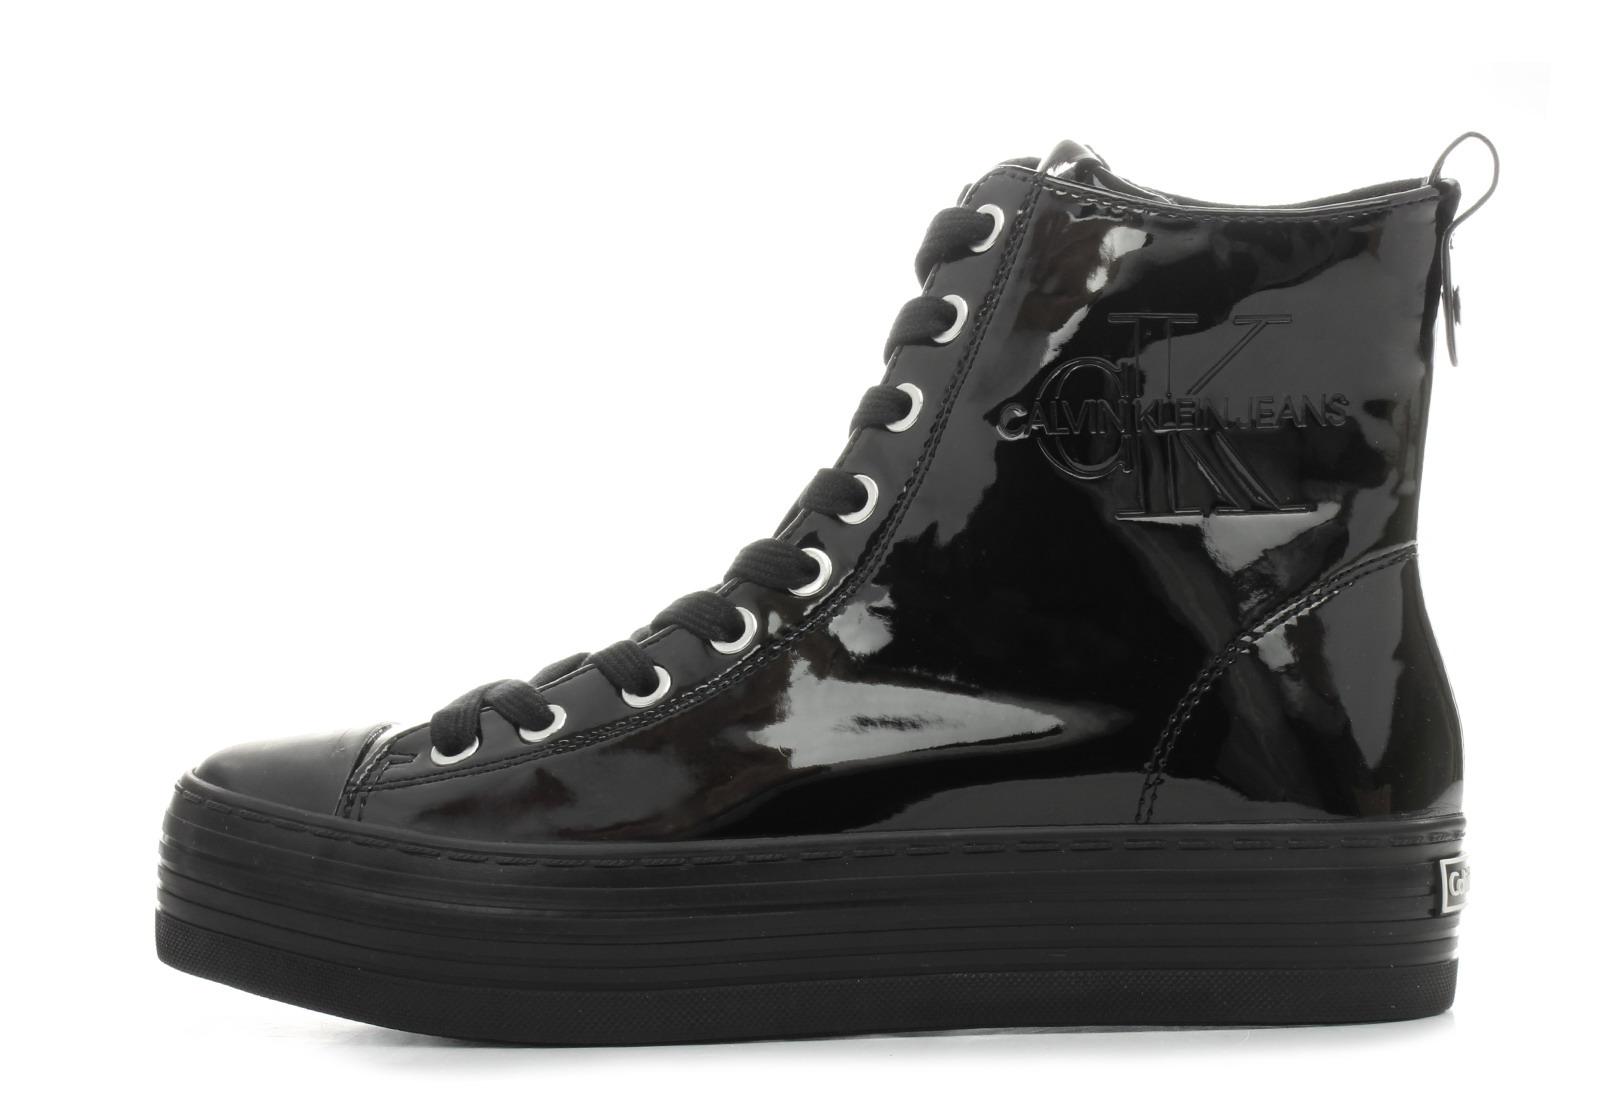 5b552e170d Calvin Klein Jeans Cipő - Zazah - RE9793-BLK - Office Shoes Magyarország